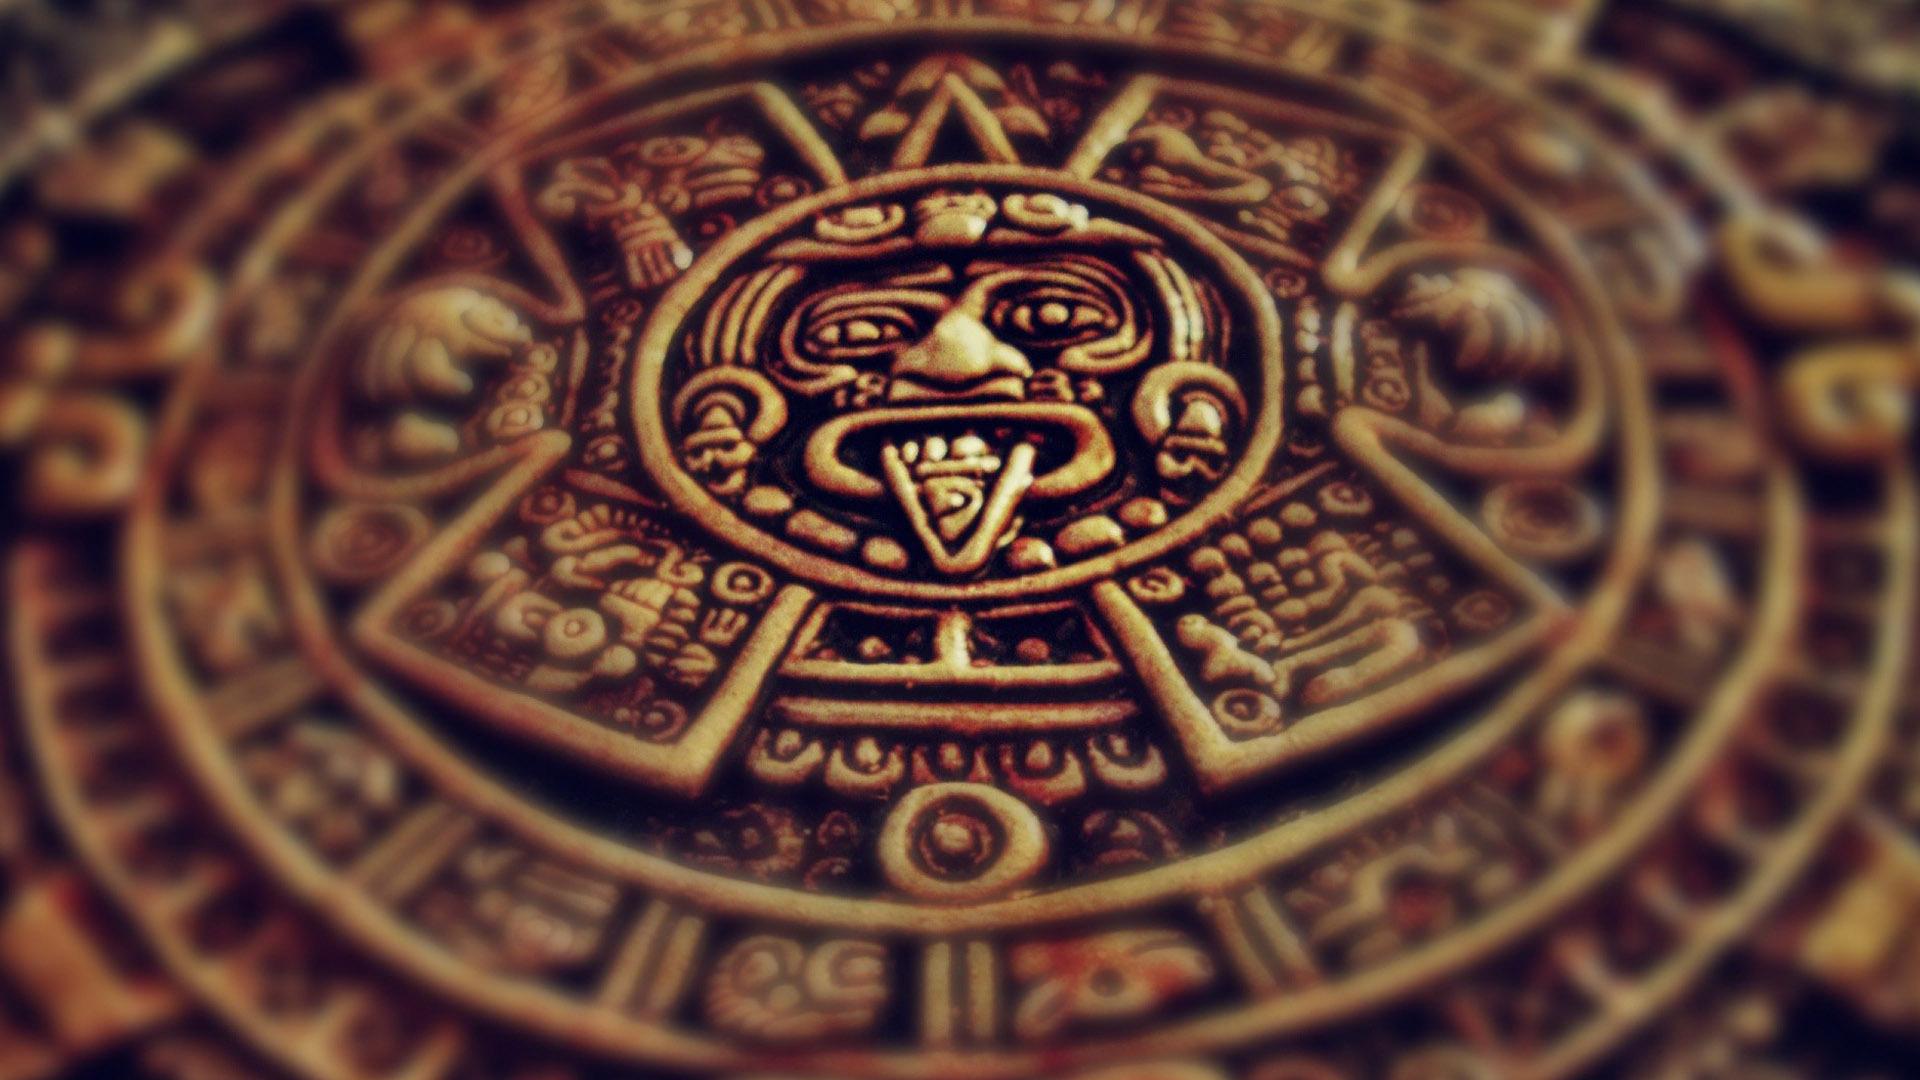 Mayan Calendar Wallpaper : Mayan wallpaper wallpapersafari